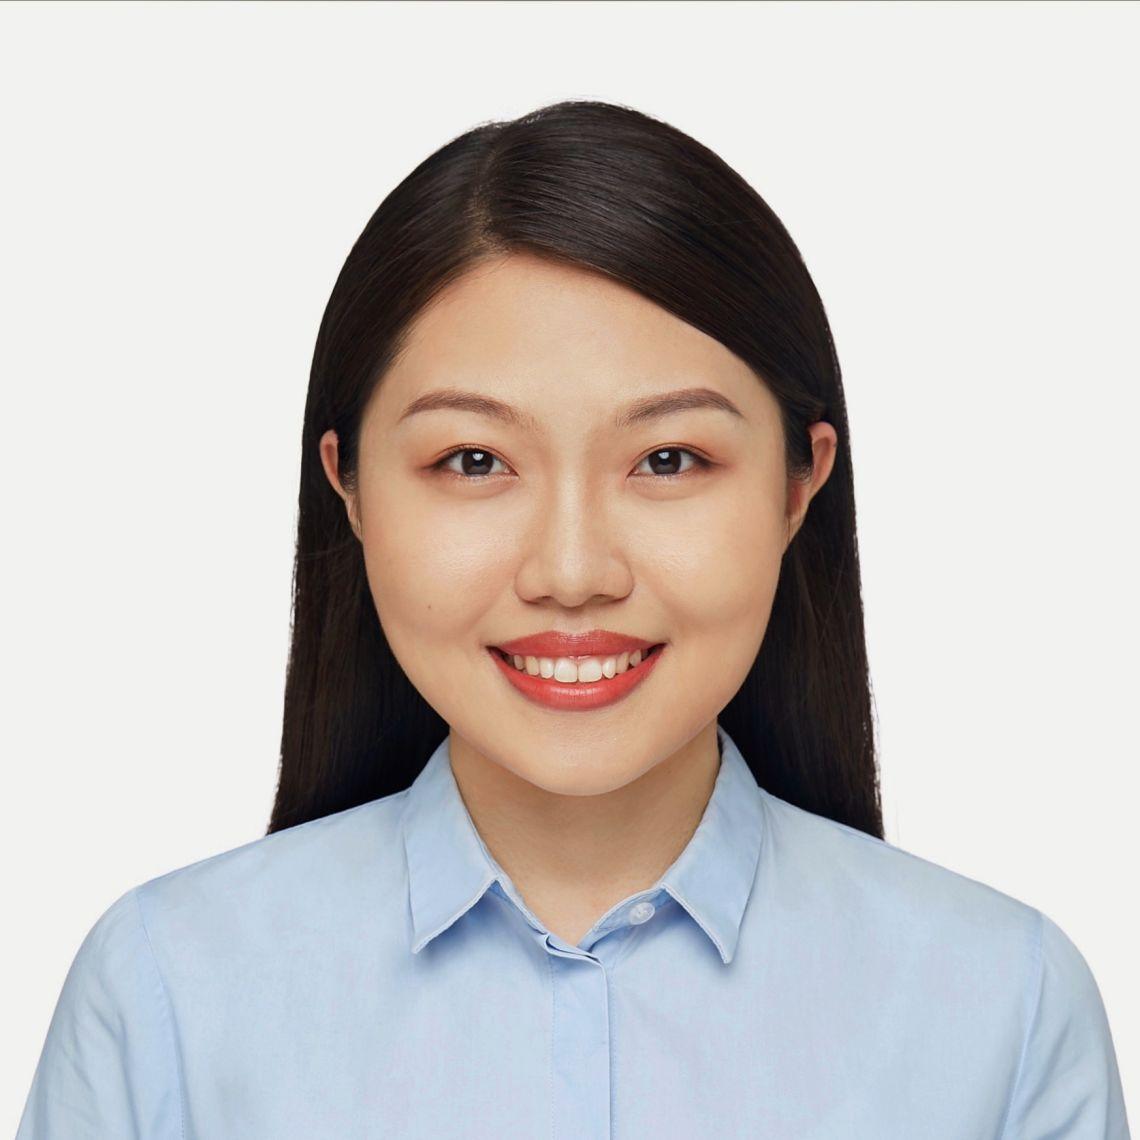 Danyao Jin